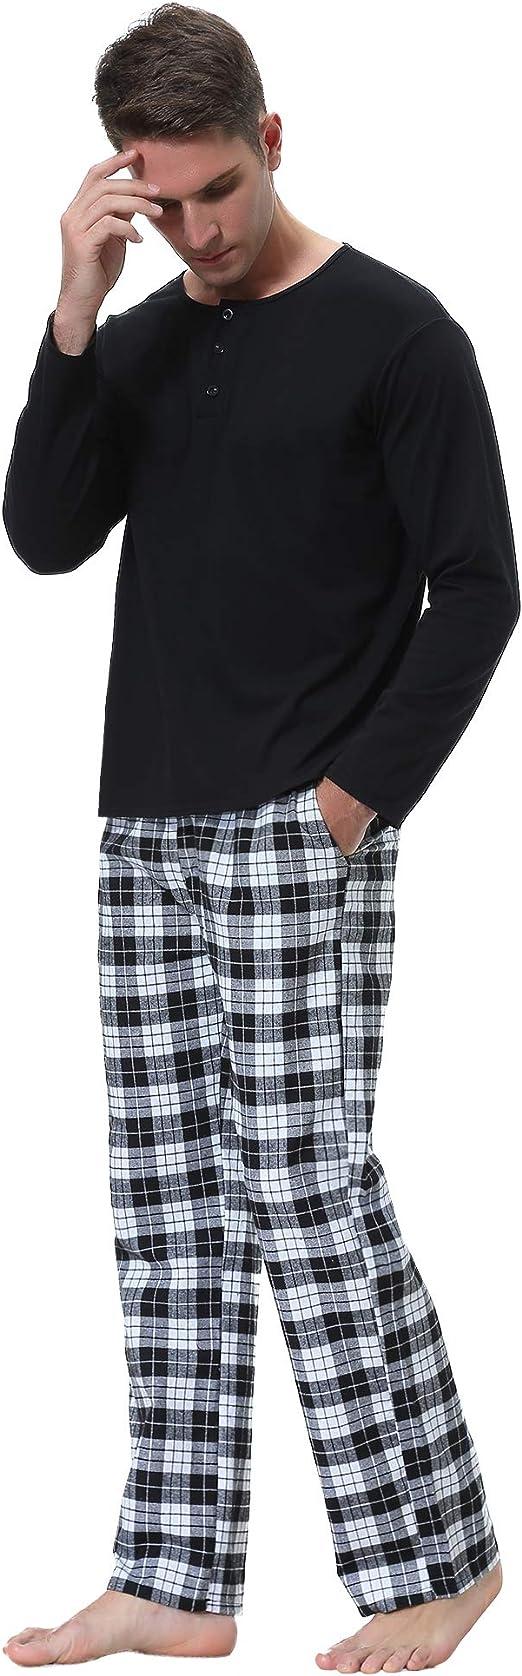 Cl/ásico 2 Piezas Ropa de Casa Invierno per Hogar Casual Aibrou 100/% Algod/ón Pijama Hombre Conjunto de Pijama Mangas Largas Top de Rayas con Cuello Redondo y Pantalones Largos con Bolsillo